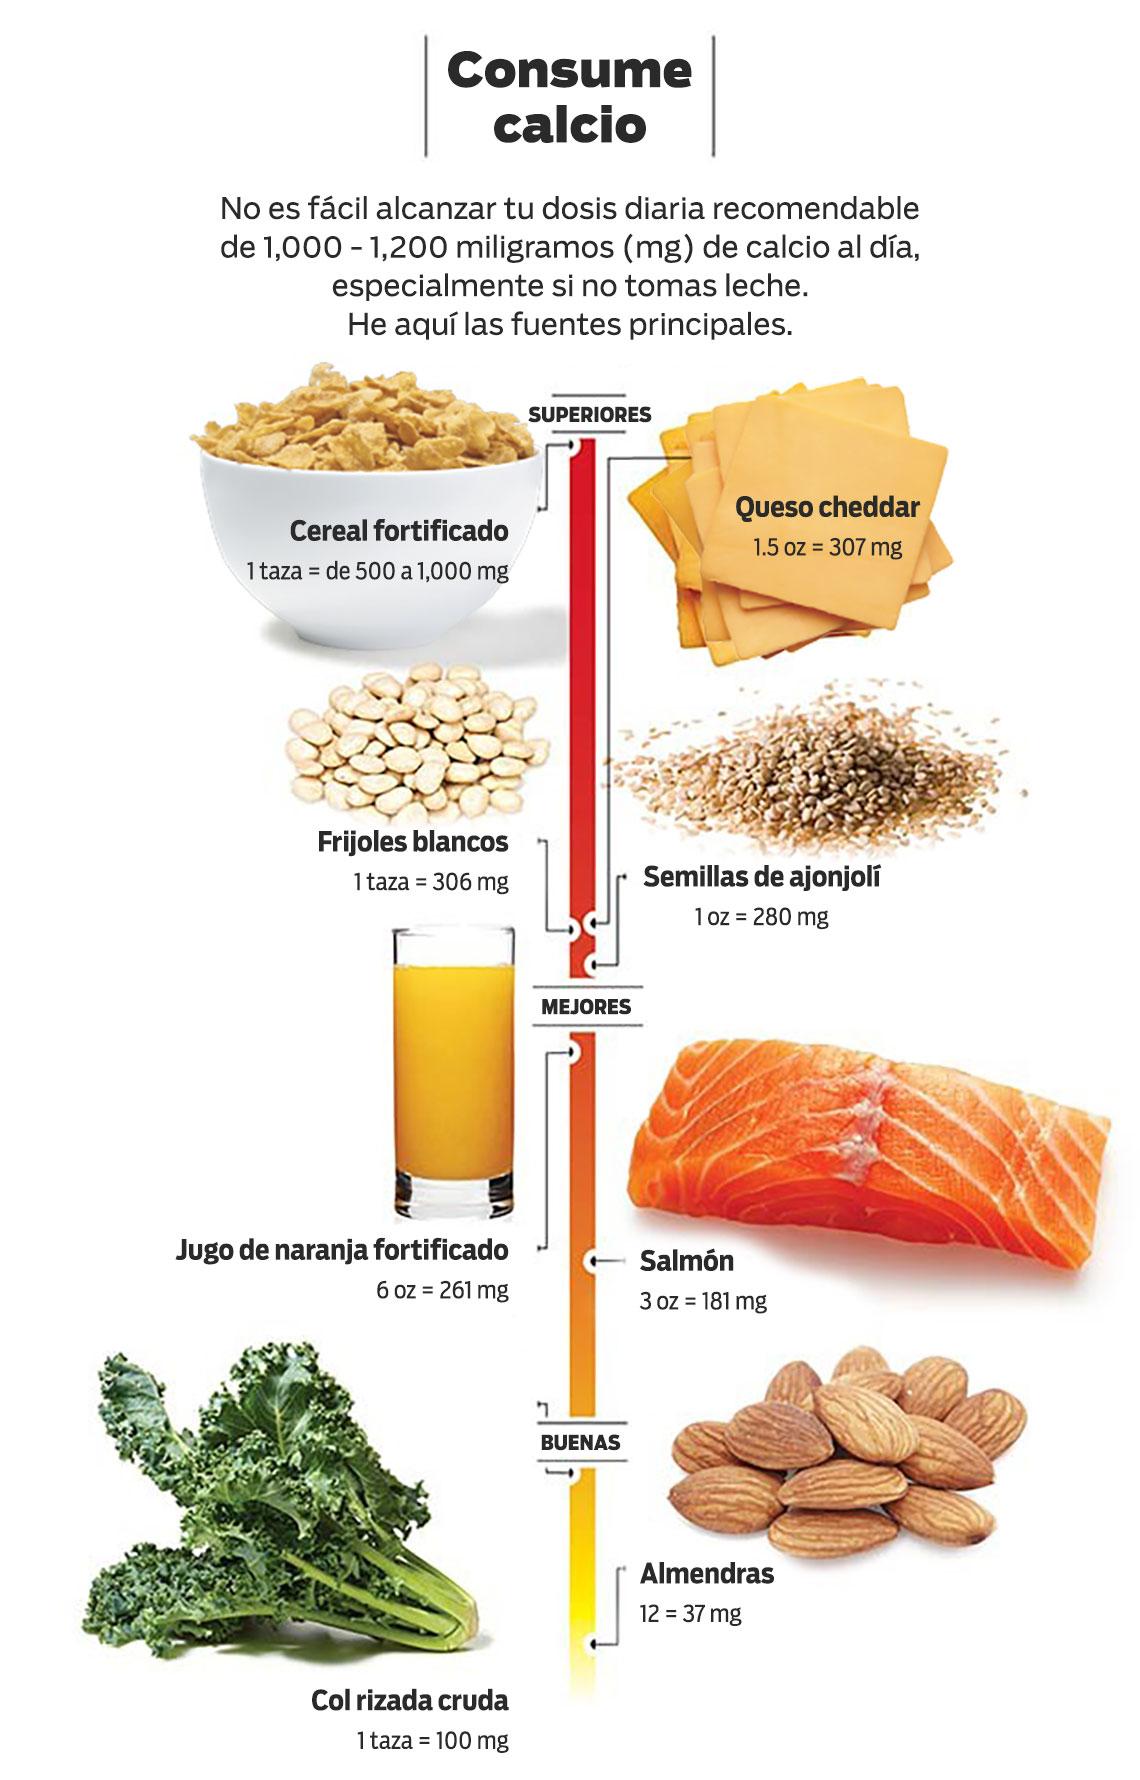 Dieta para fortalecer los huesos y musculos